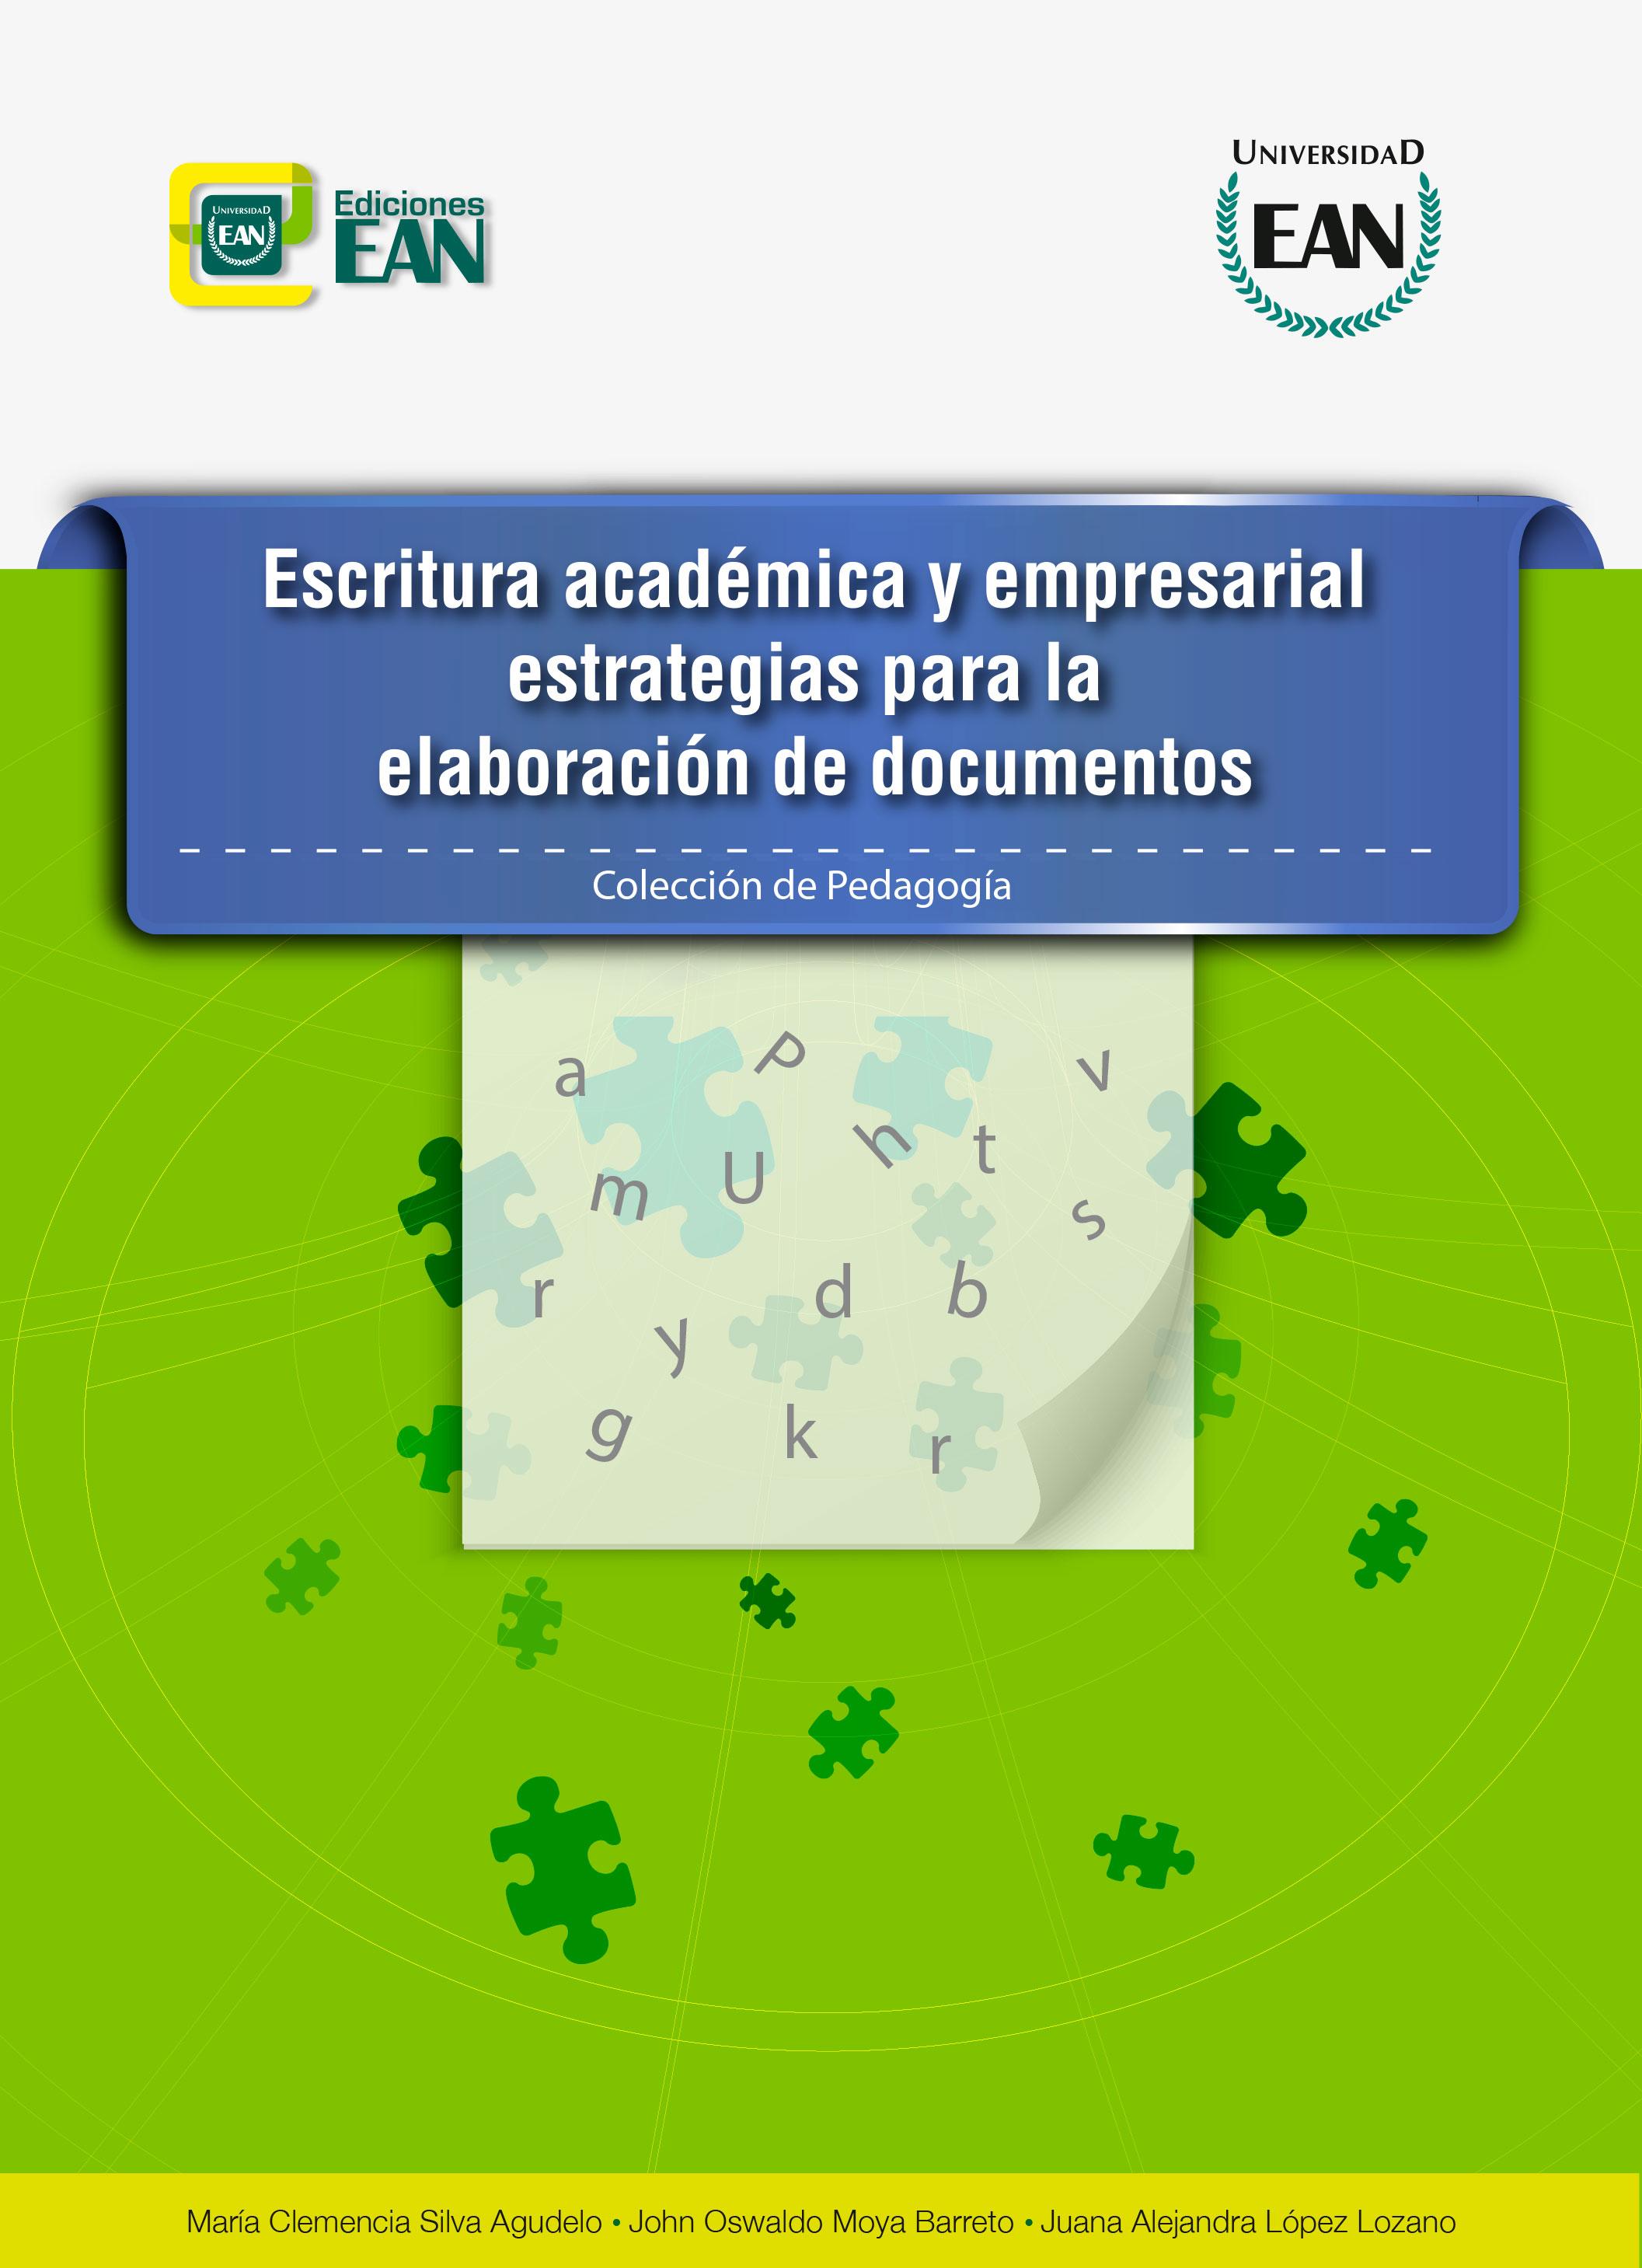 Escritura académica y empresarial. Estrategias para la elaboración de documentos